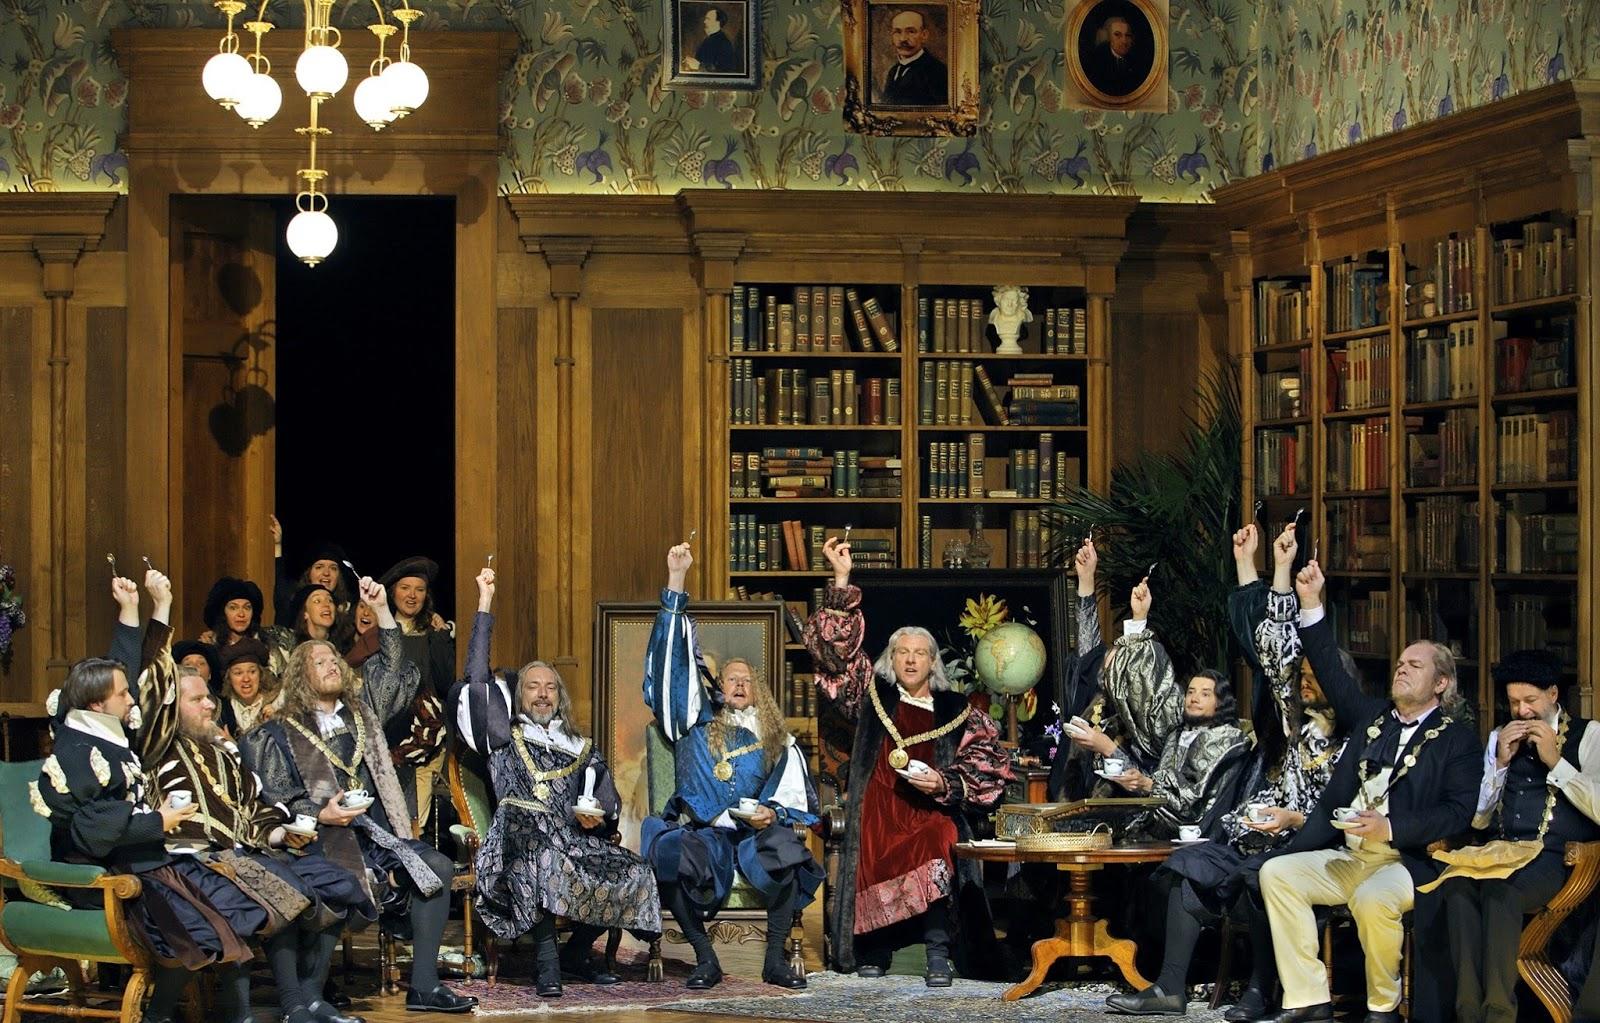 Les maîtres chanteurs à Wahnfried © Bayreuther Festspiele / Enrico Nawrath